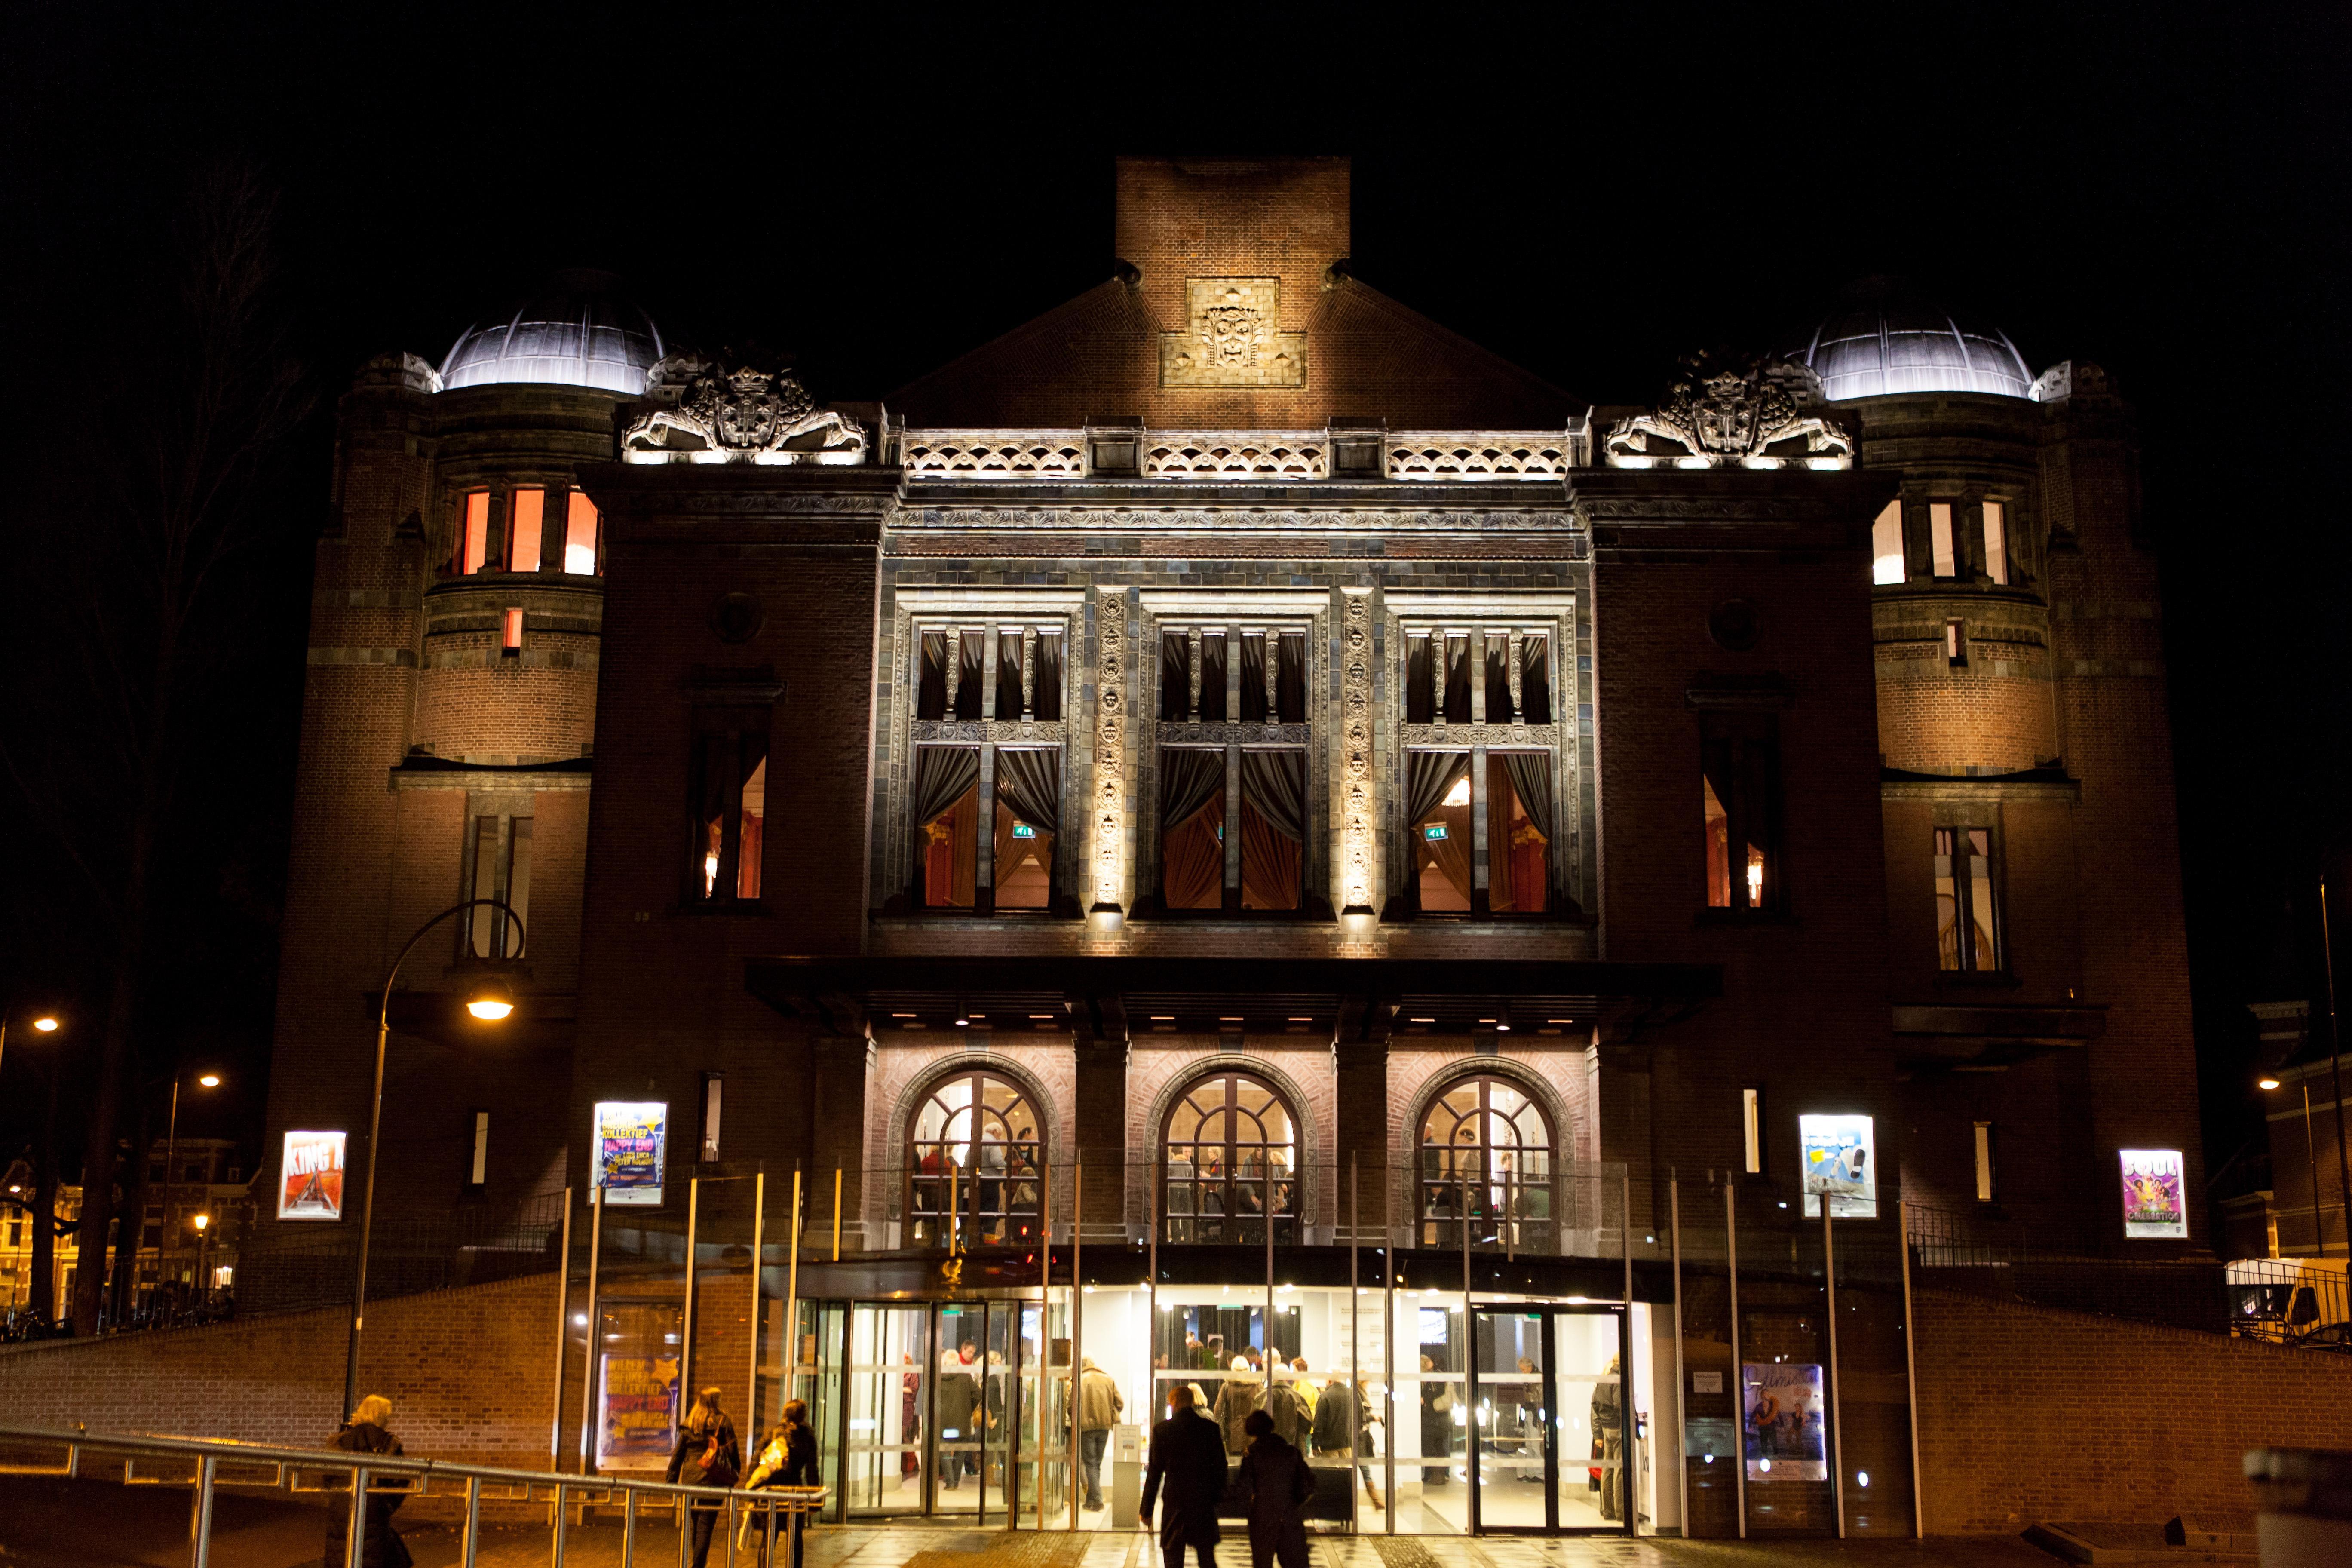 Voorwegschool hoeft van eindmusical geen 'schreeuwshow' te maken. Met dank aan de Haarlemse Stadsschouwburg.